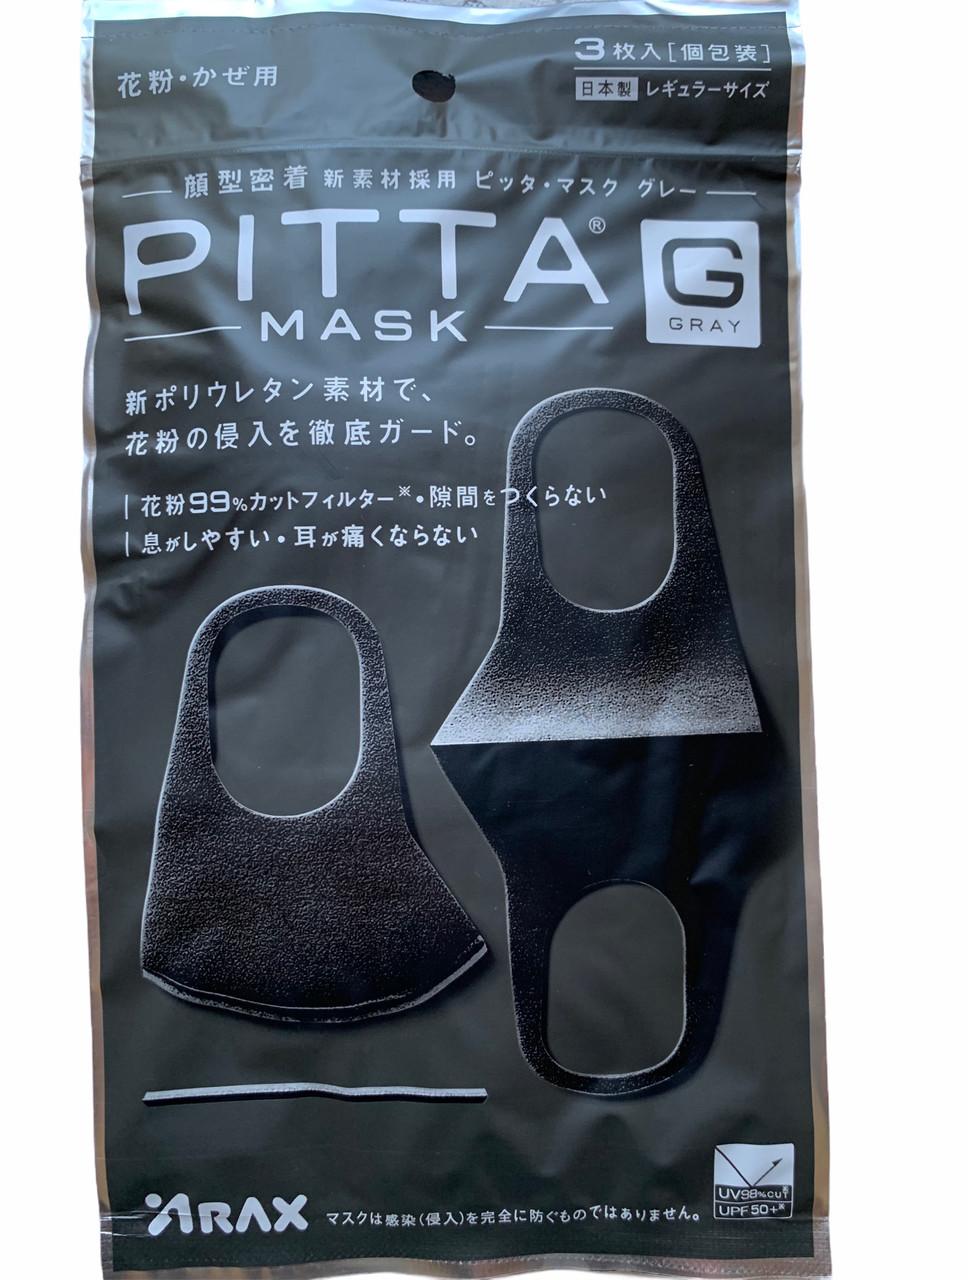 3 ШТ Багаторазова маска пітта Pitta Mask Arax (колір графіт) + подарунок антисептик клин стрім